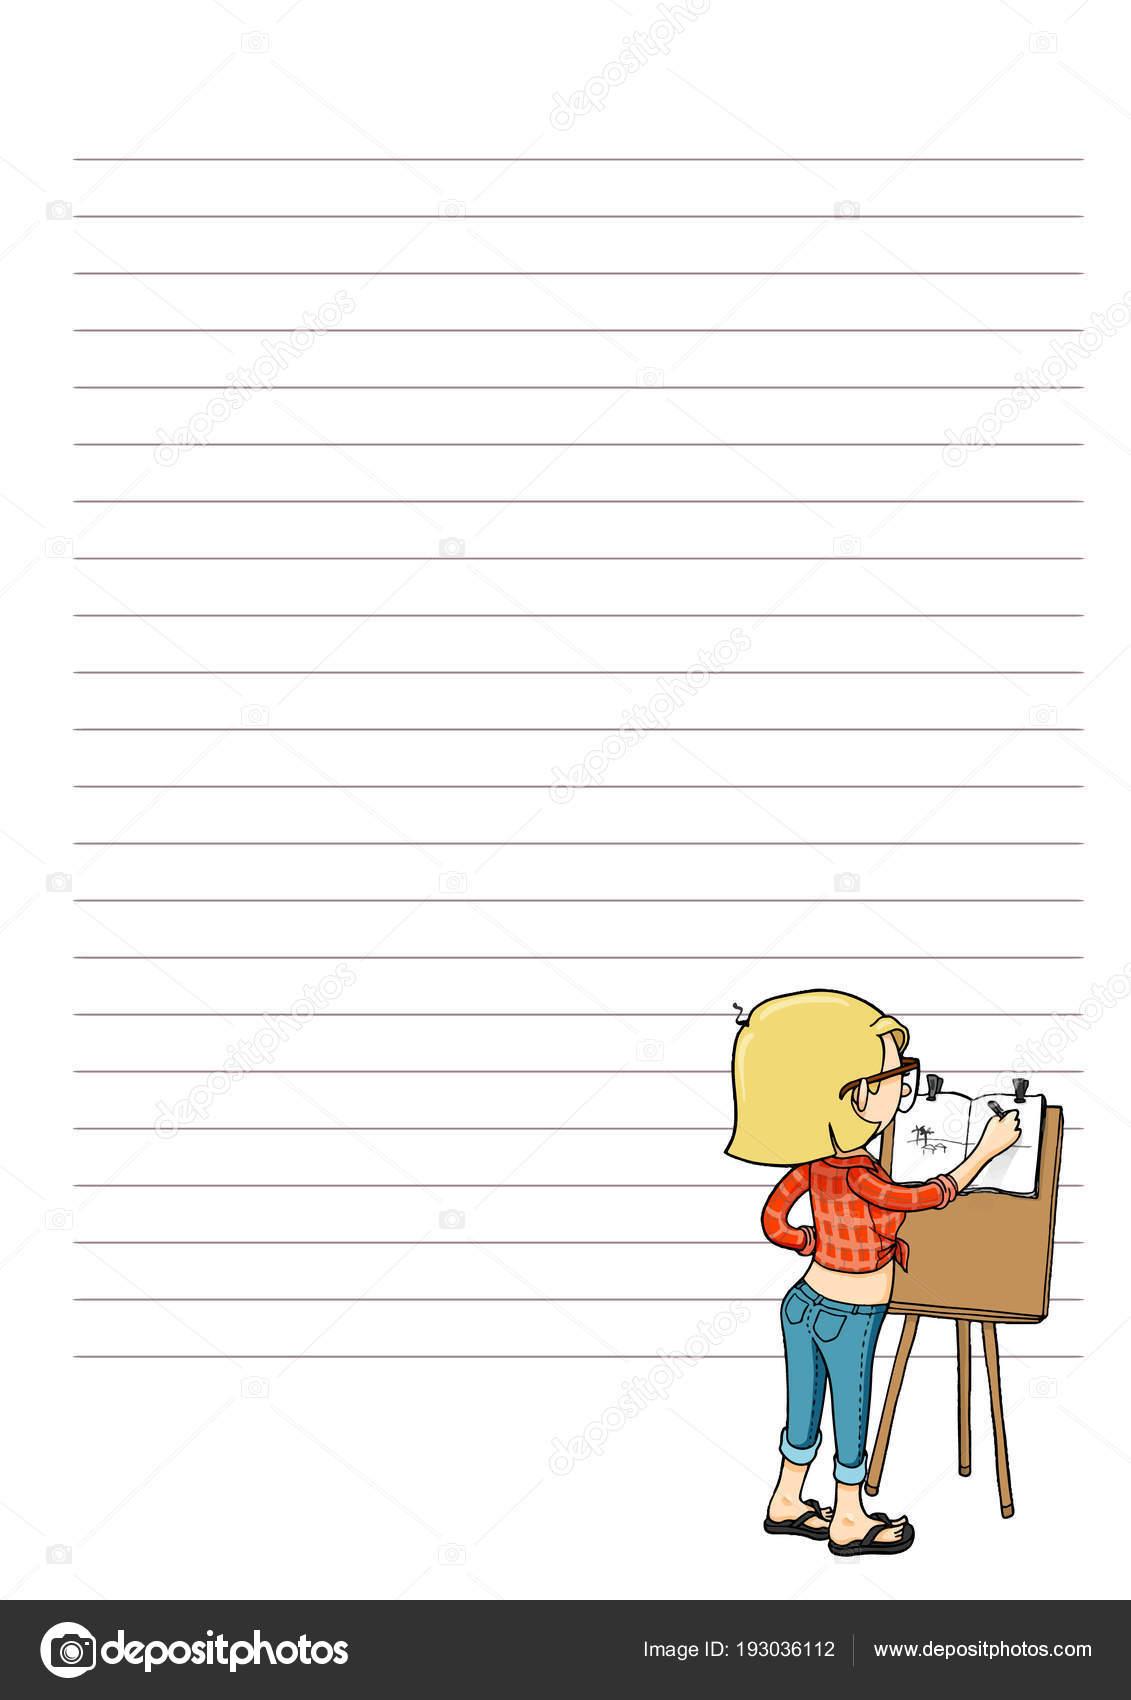 Seite für Notizen mit Cartoon-Figur. Tägliche, wöchentliche ...